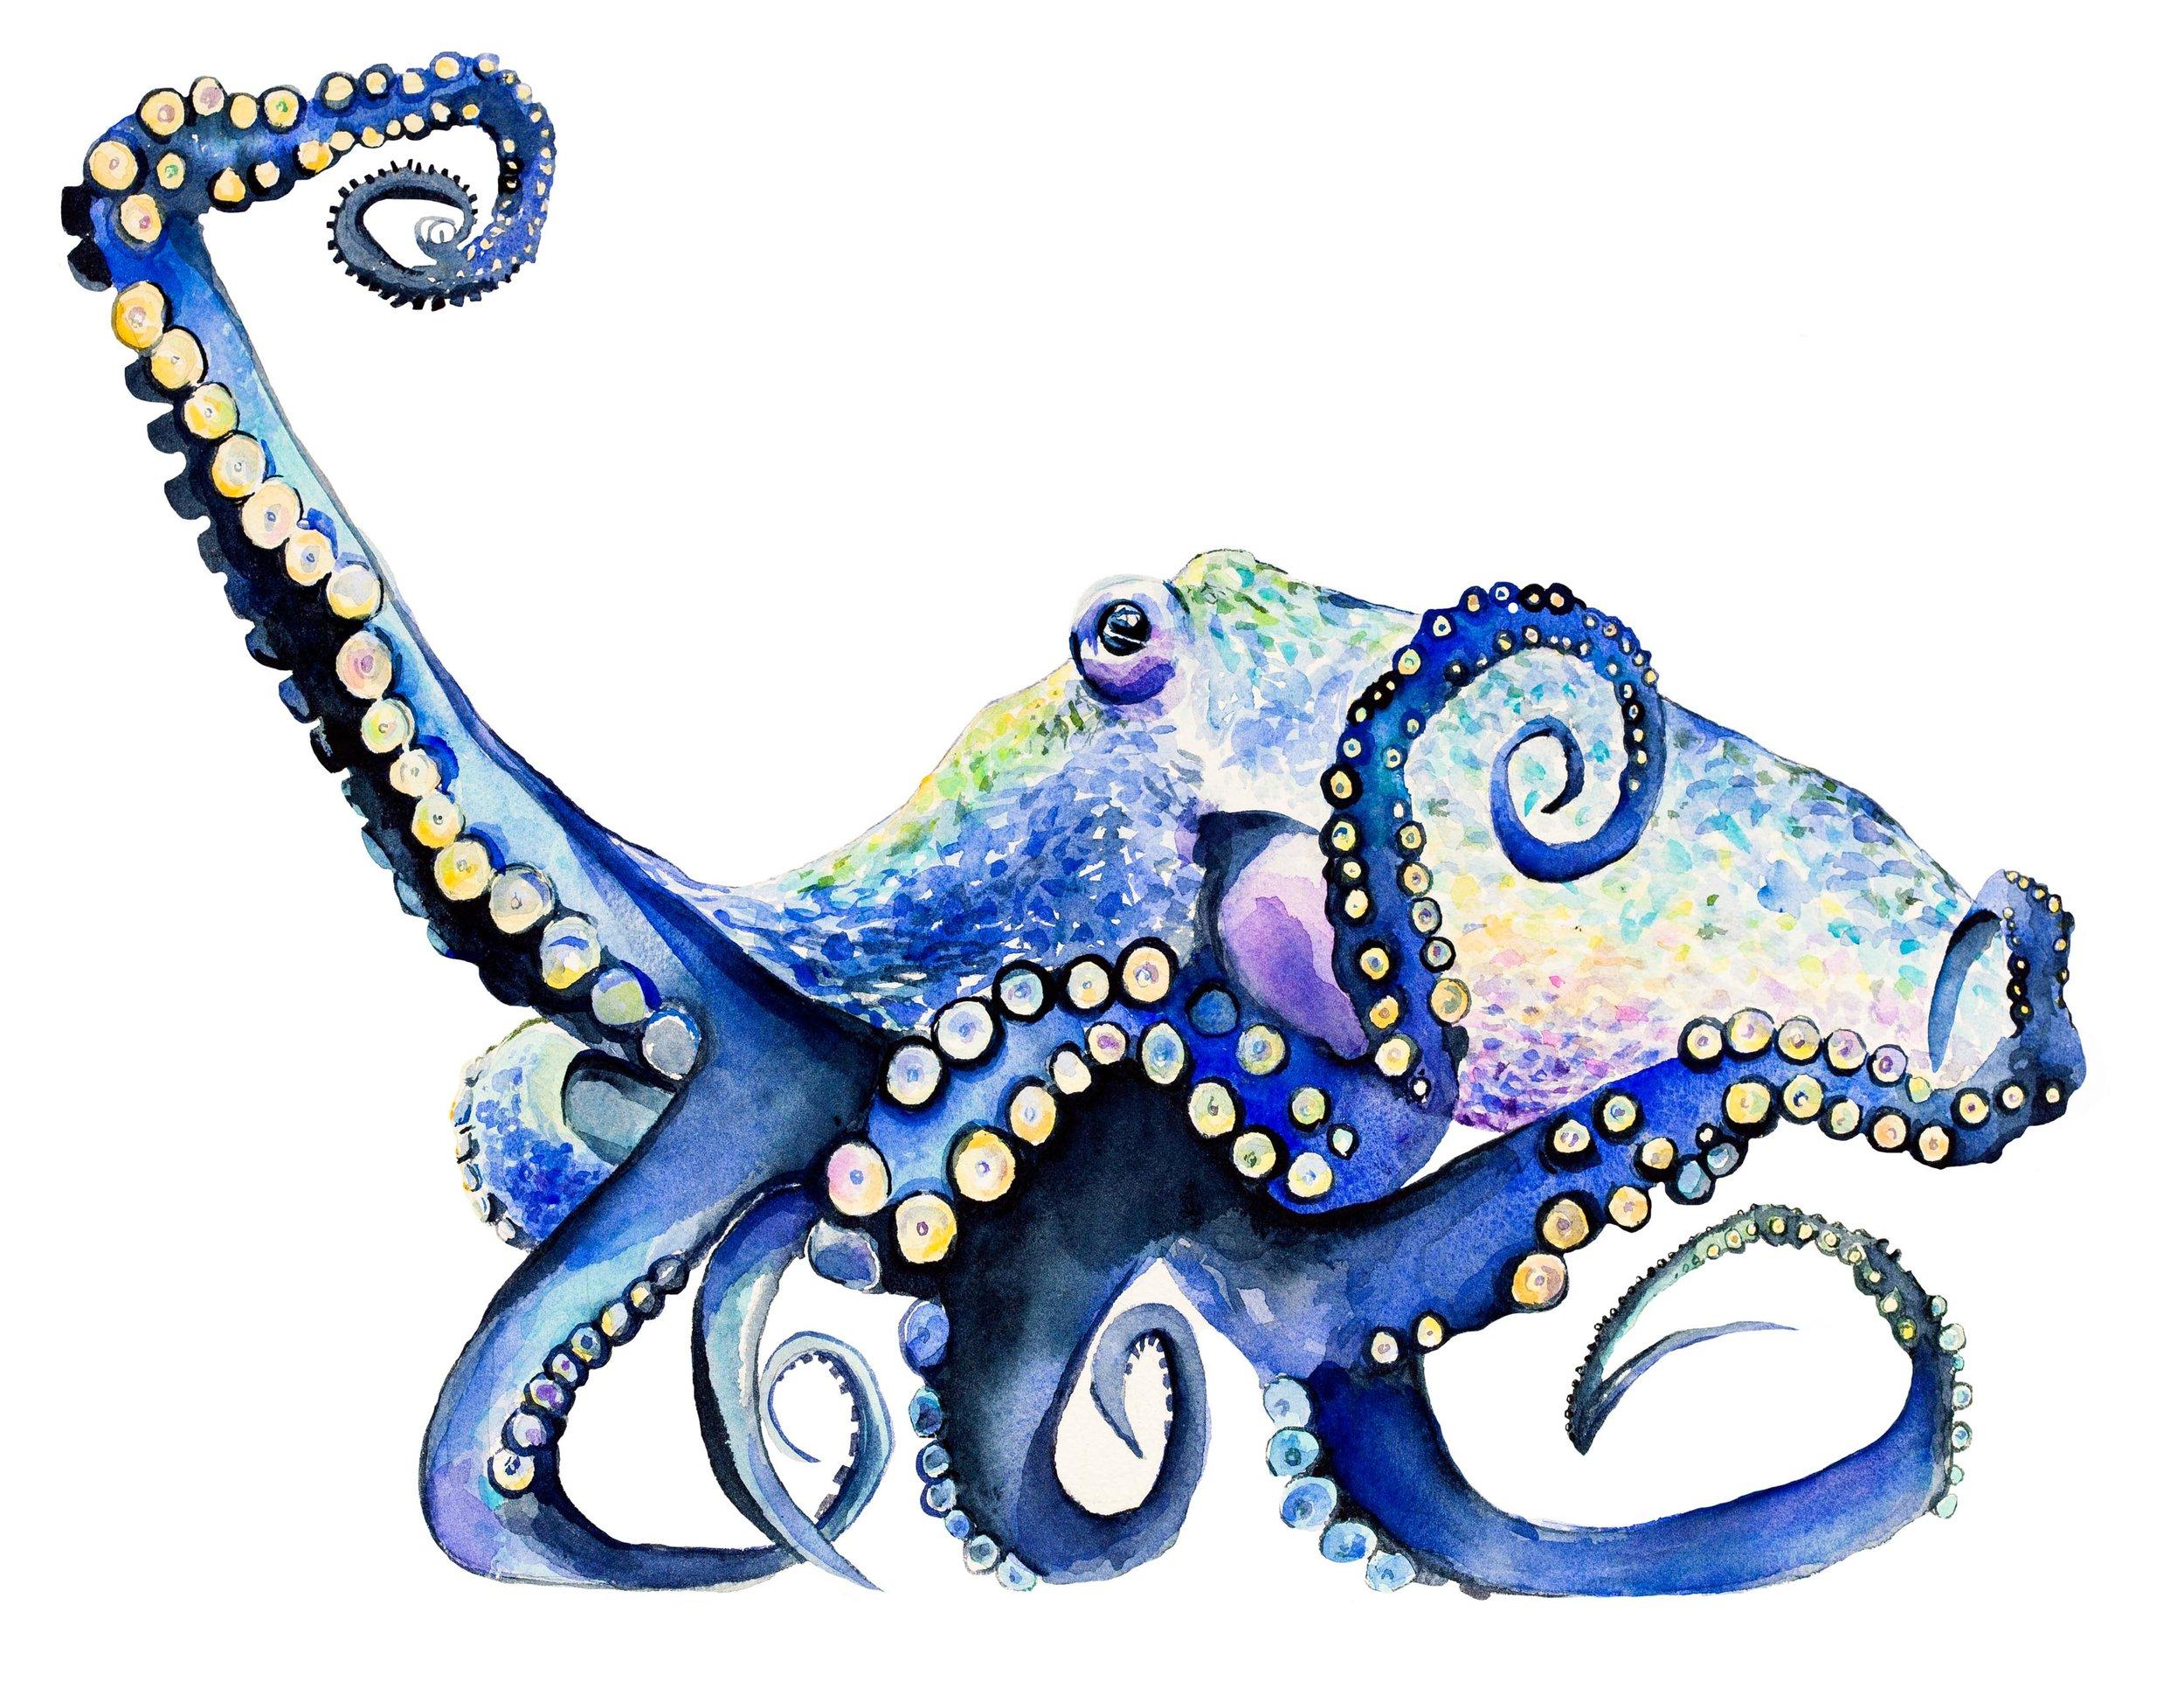 Octopus for Imaging.jpg